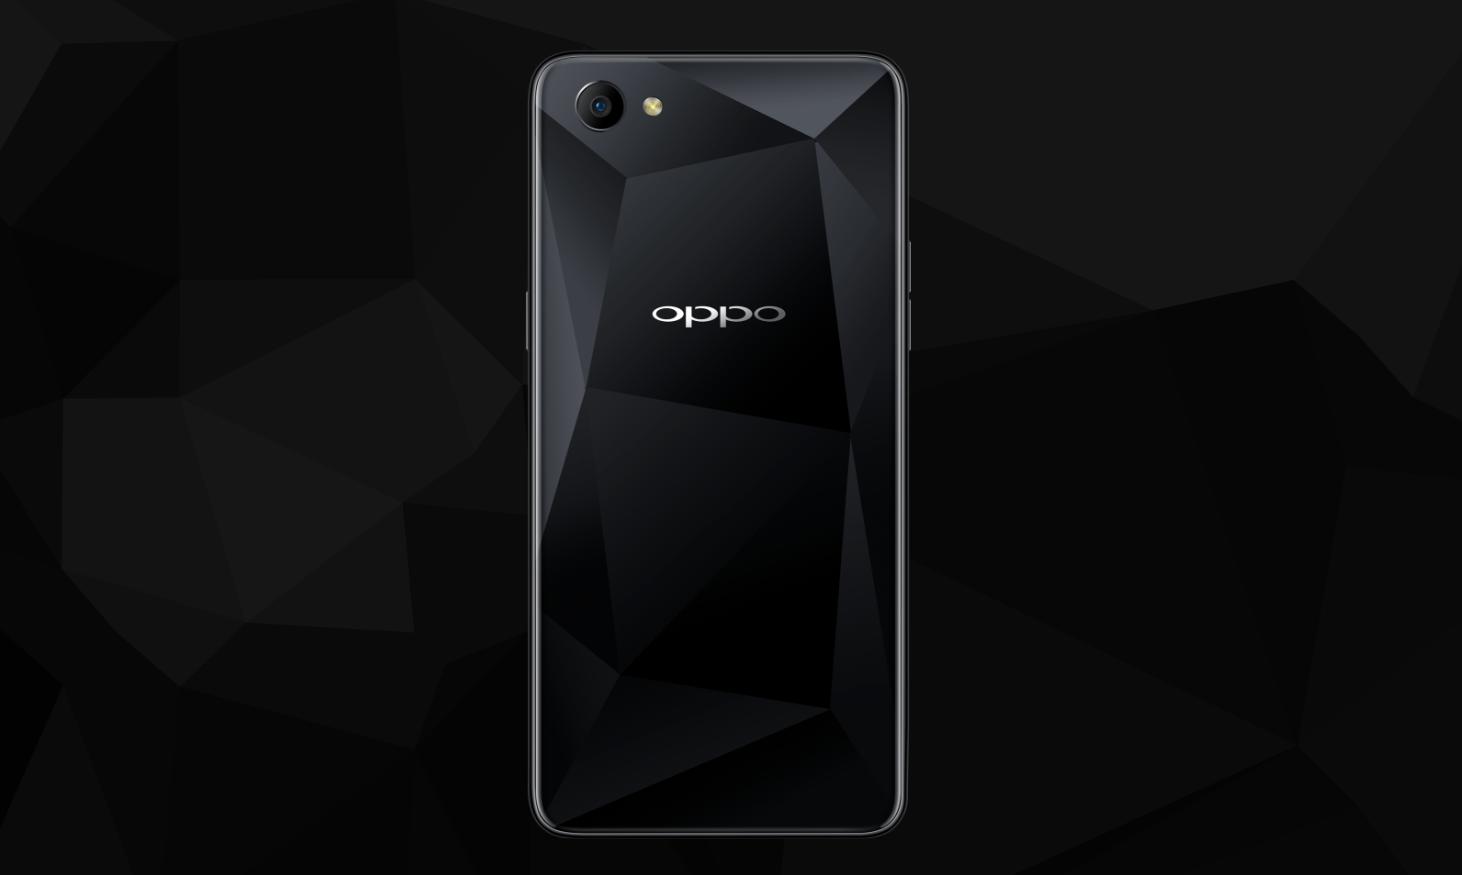 L'OPPO A3, connaissez-vous cette marque et ce smartphone ?